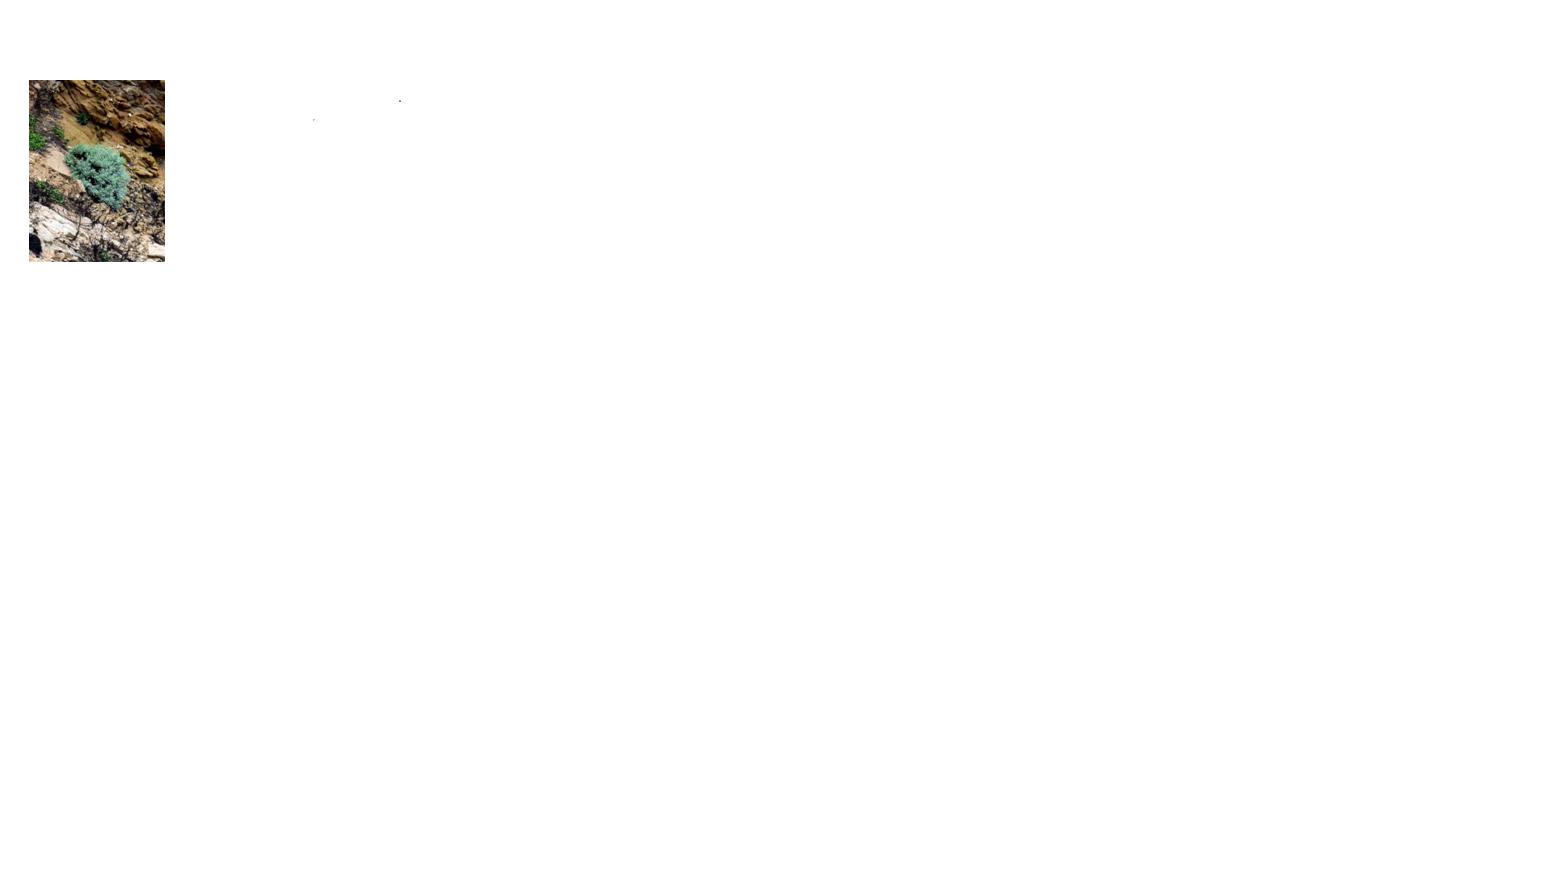 馬祖特有原生植物海芙蓉